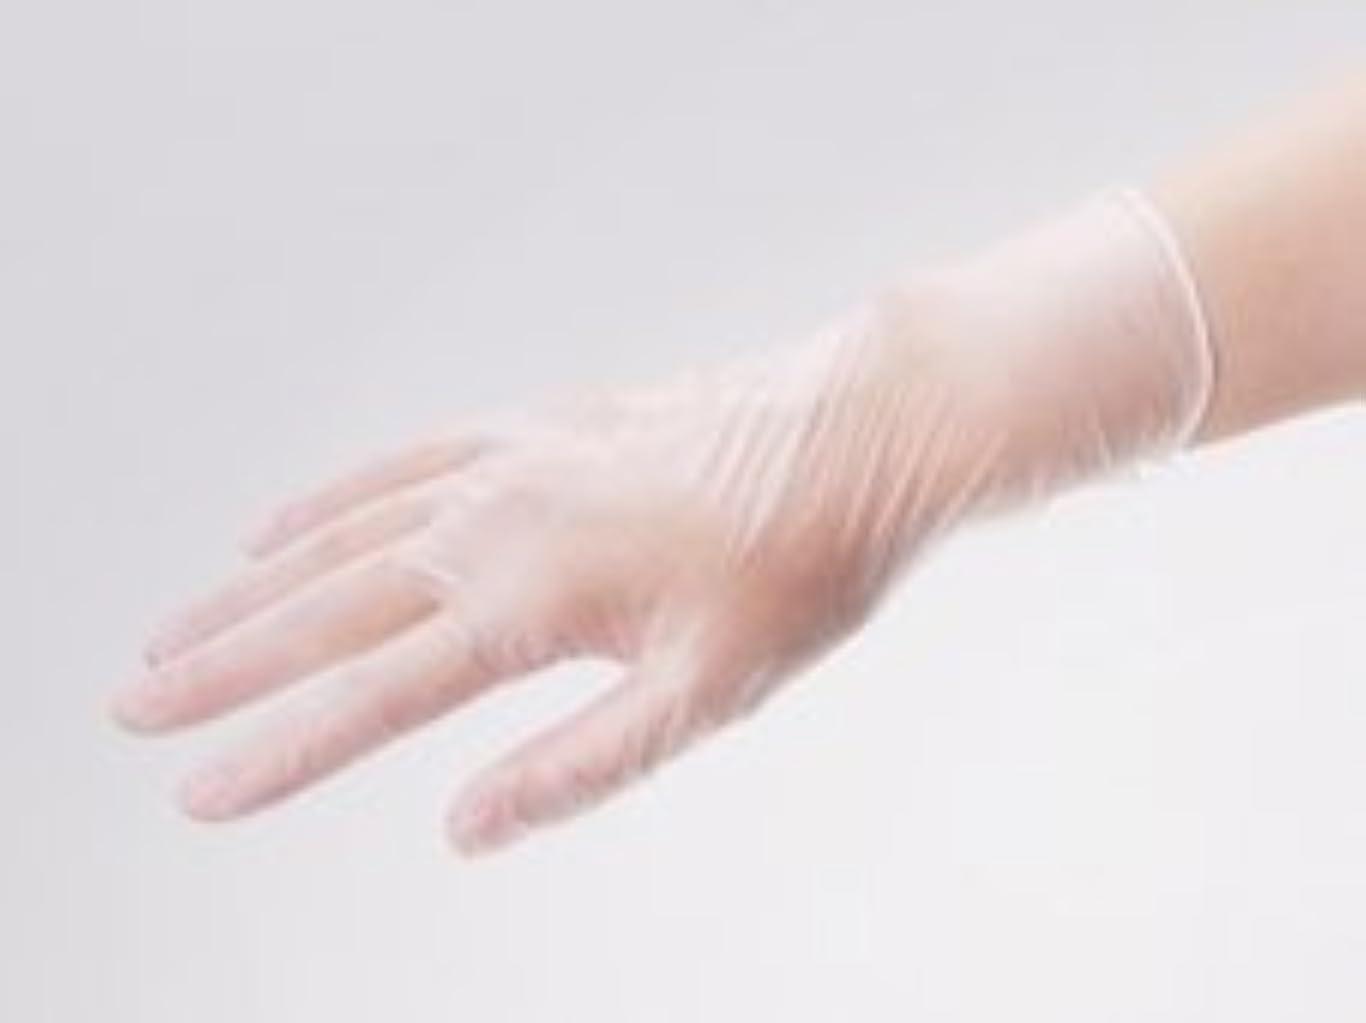 機会マイクロ普通のエクセレント プラスチック手袋 PVC-200PF Lサイズ(100枚入)